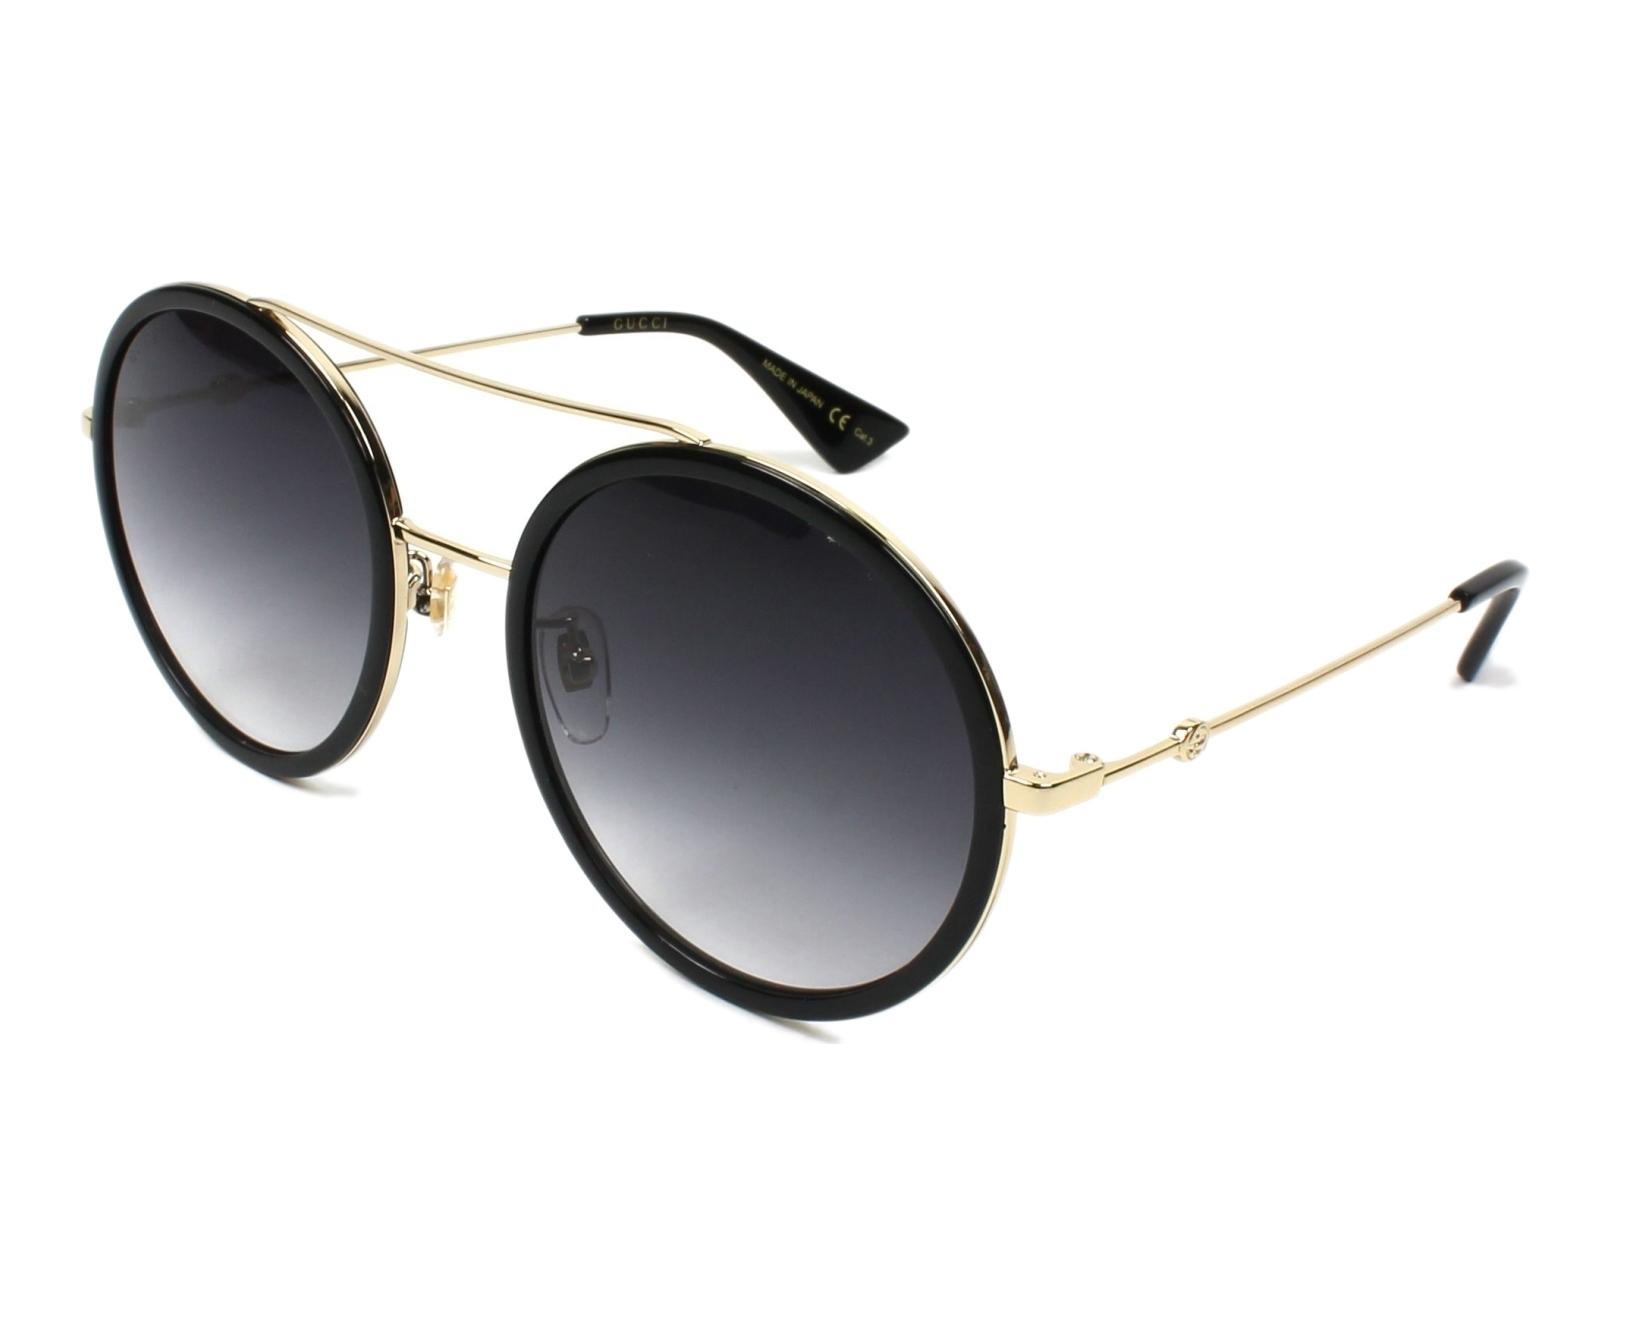 dd81f7a3cb Sunglasses Gucci GG-0061-S 001 56-22 Black Gold profile view